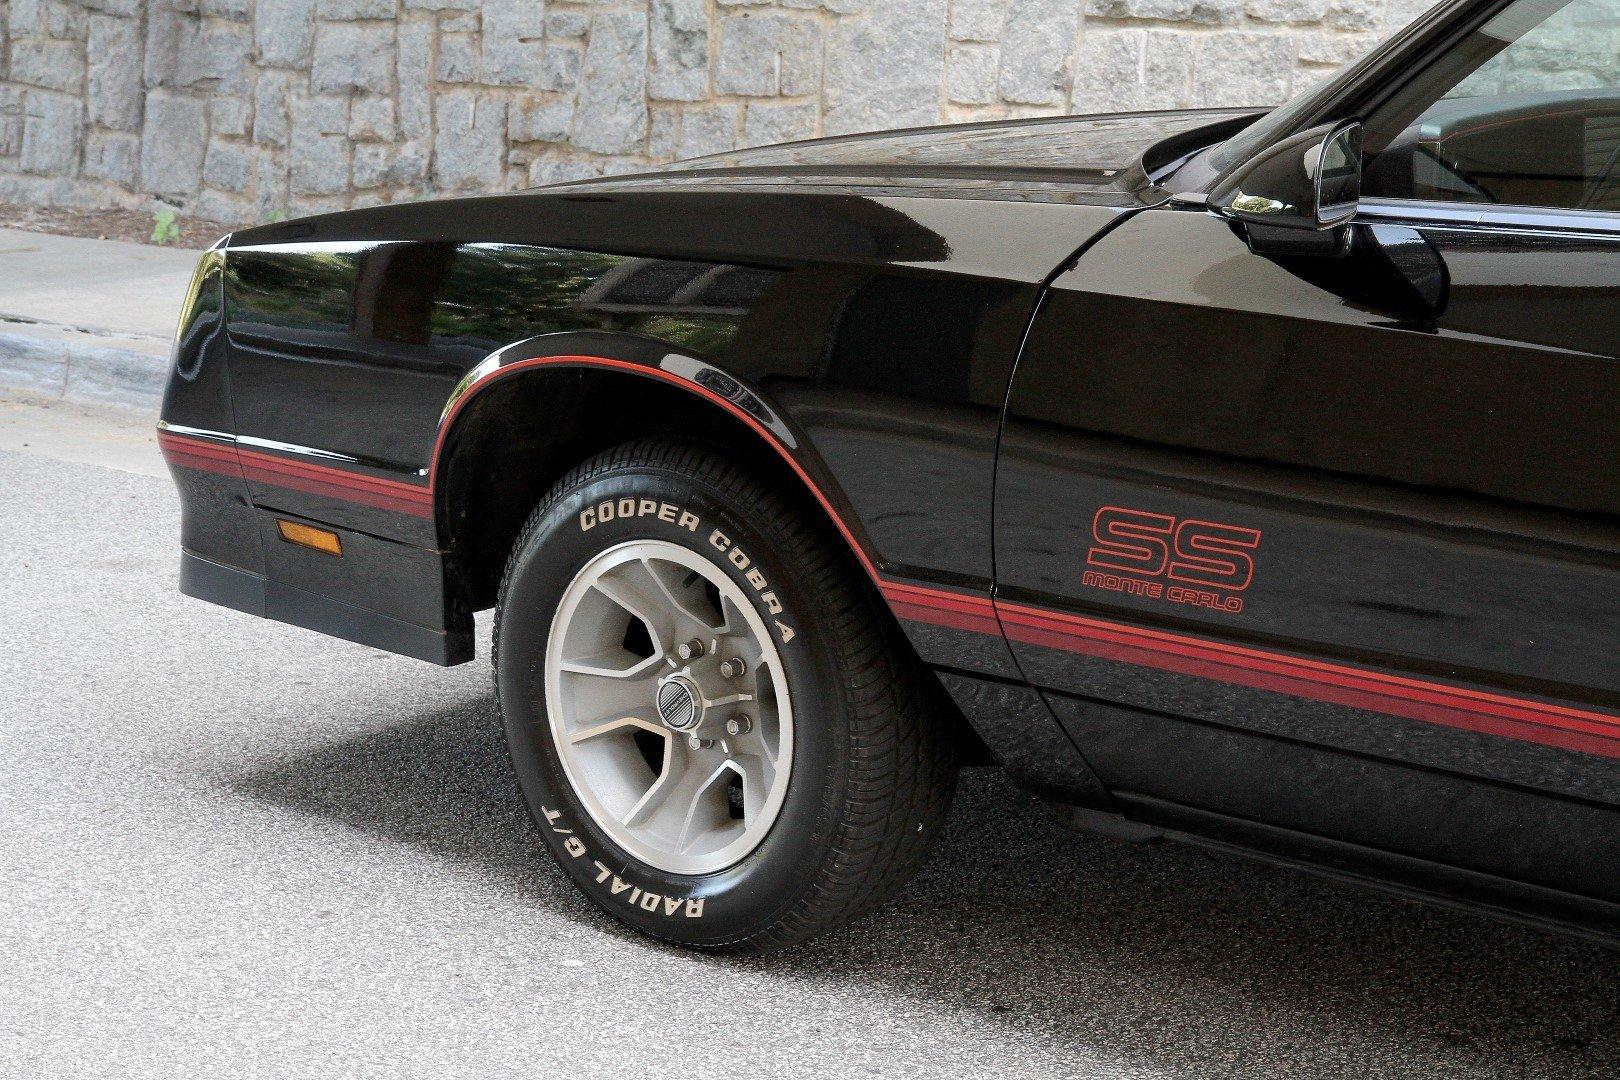 1987 Chevrolet Monte Carlo SS Aerocoupe for sale #101907 | MCG